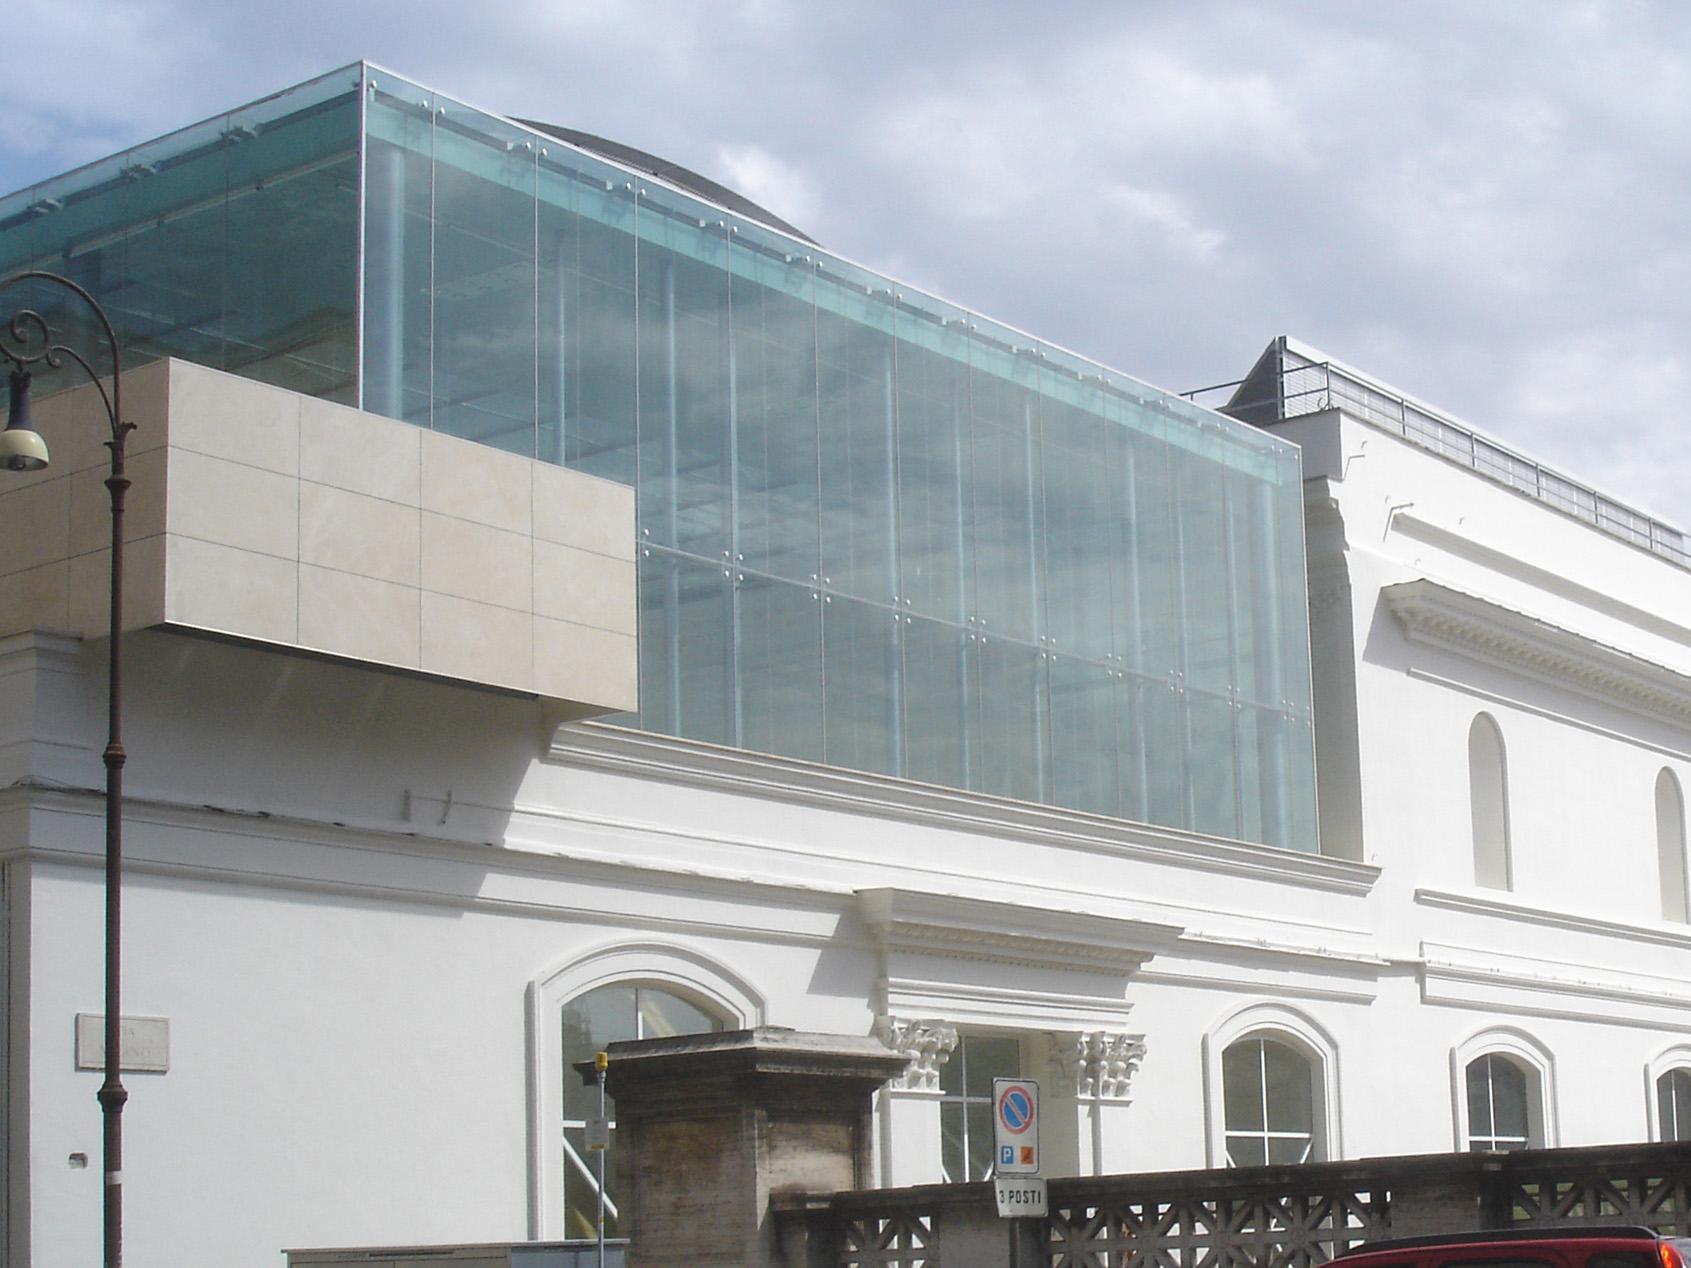 Palazzo delle esposizioni il portale della for Palazzo delle esposizioni rome italy